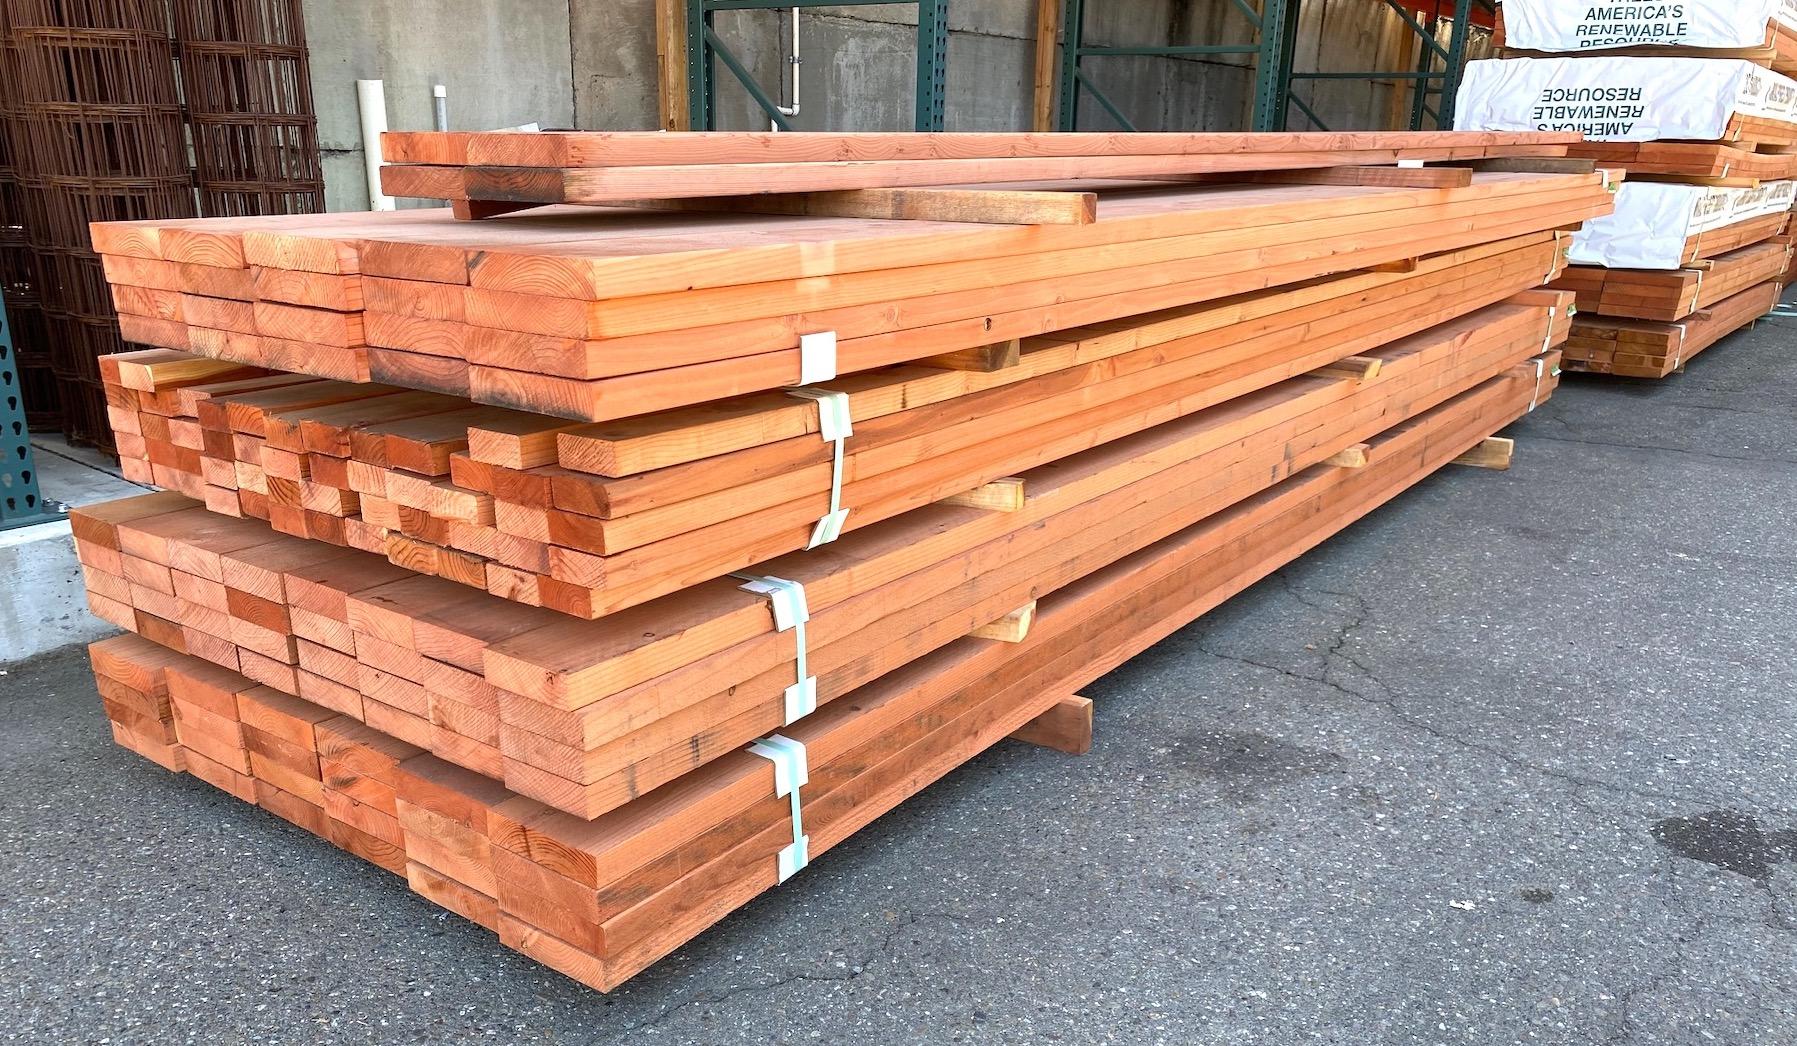 Richert Lumber Ace Hardware lumber